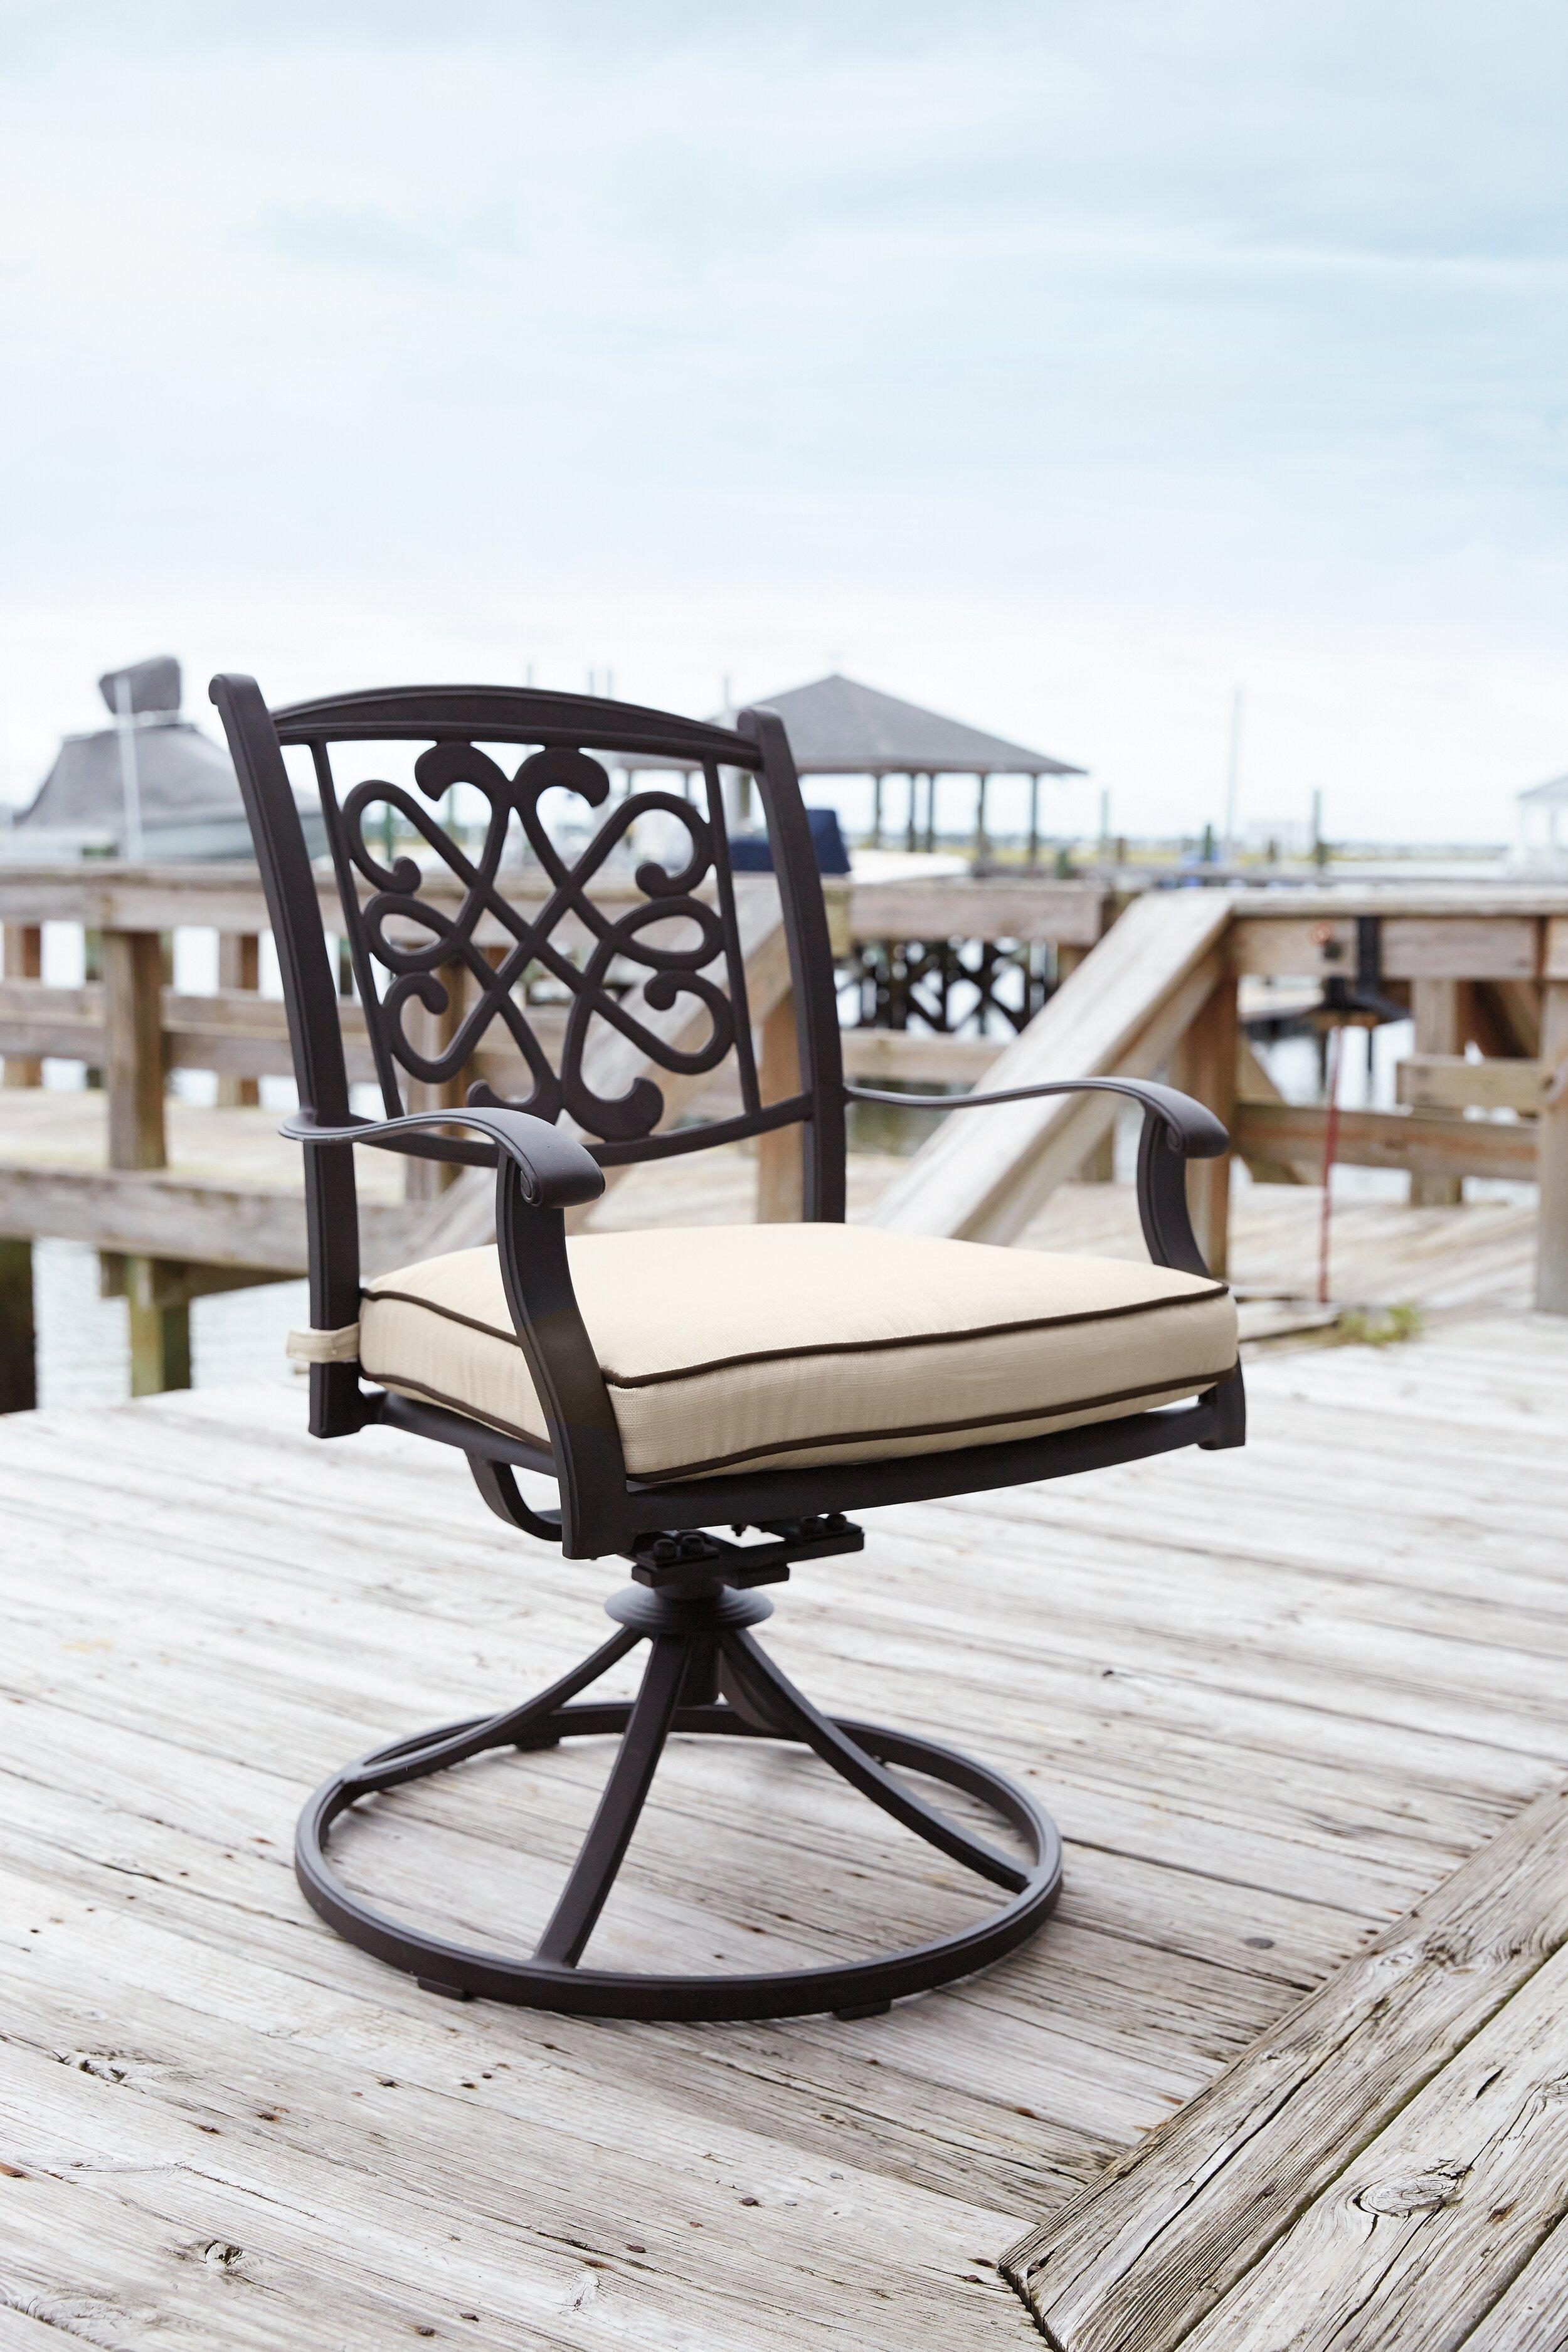 Luxury Swivel Rocker Patio Chairs